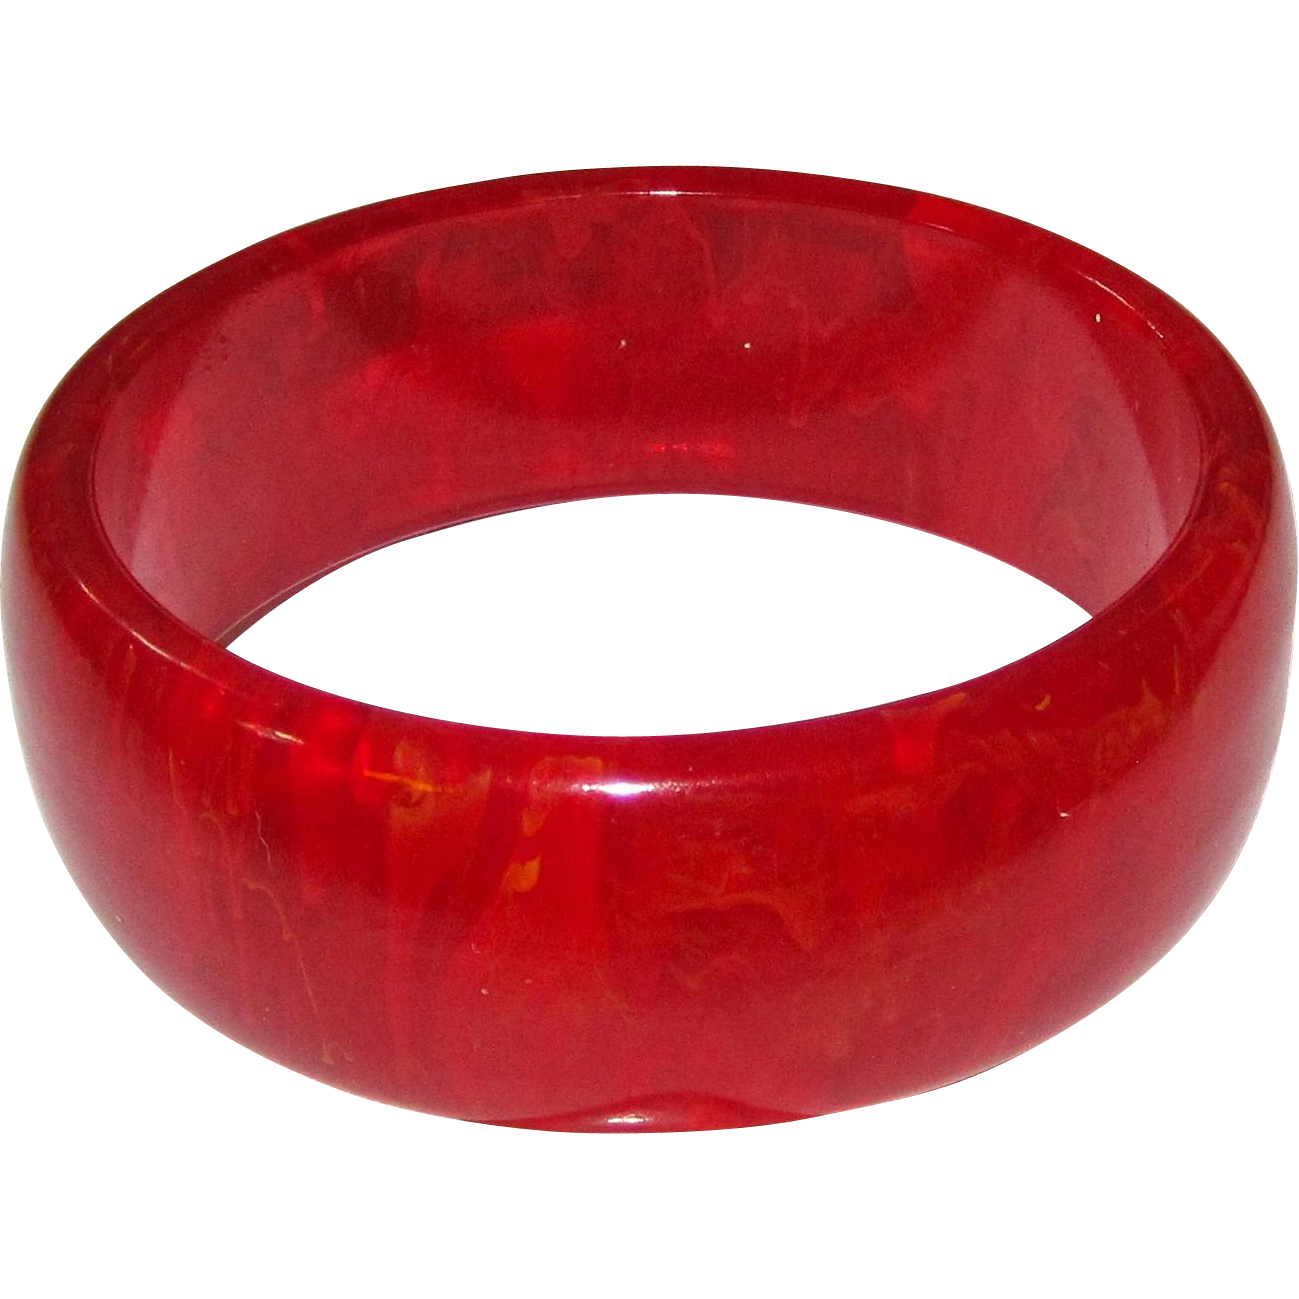 Translucent Red Marbled Bakelite Bangle Bracelet